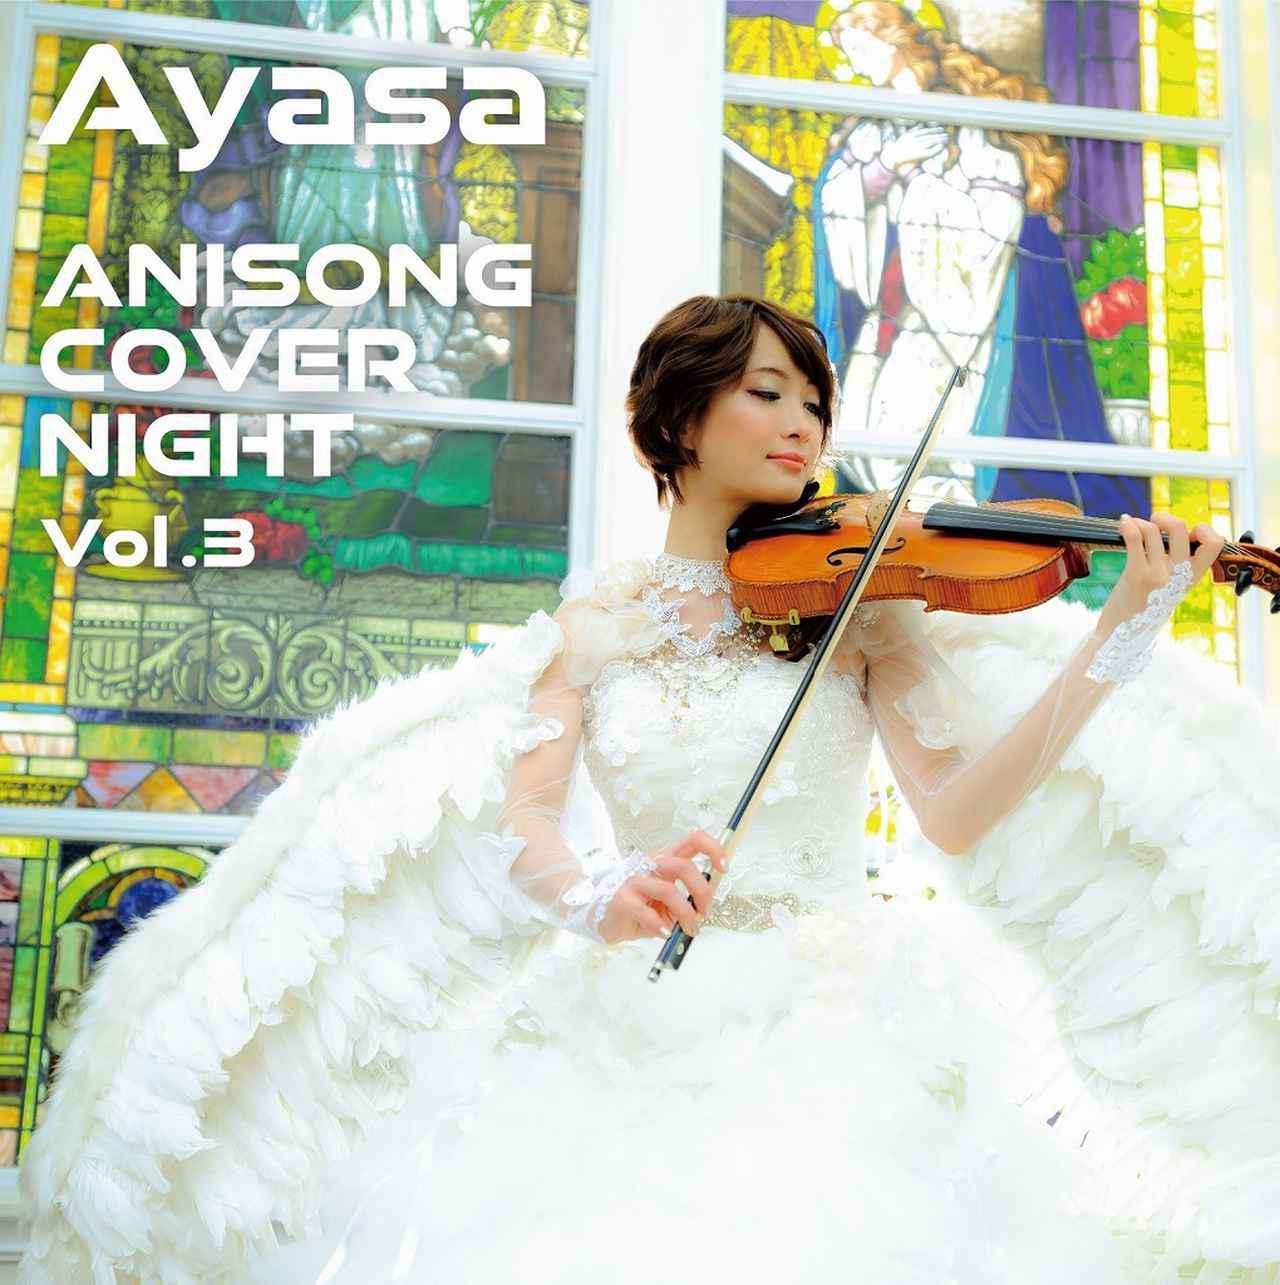 画像: ANISONG COVER NIGHT Vol.3 / Ayasa